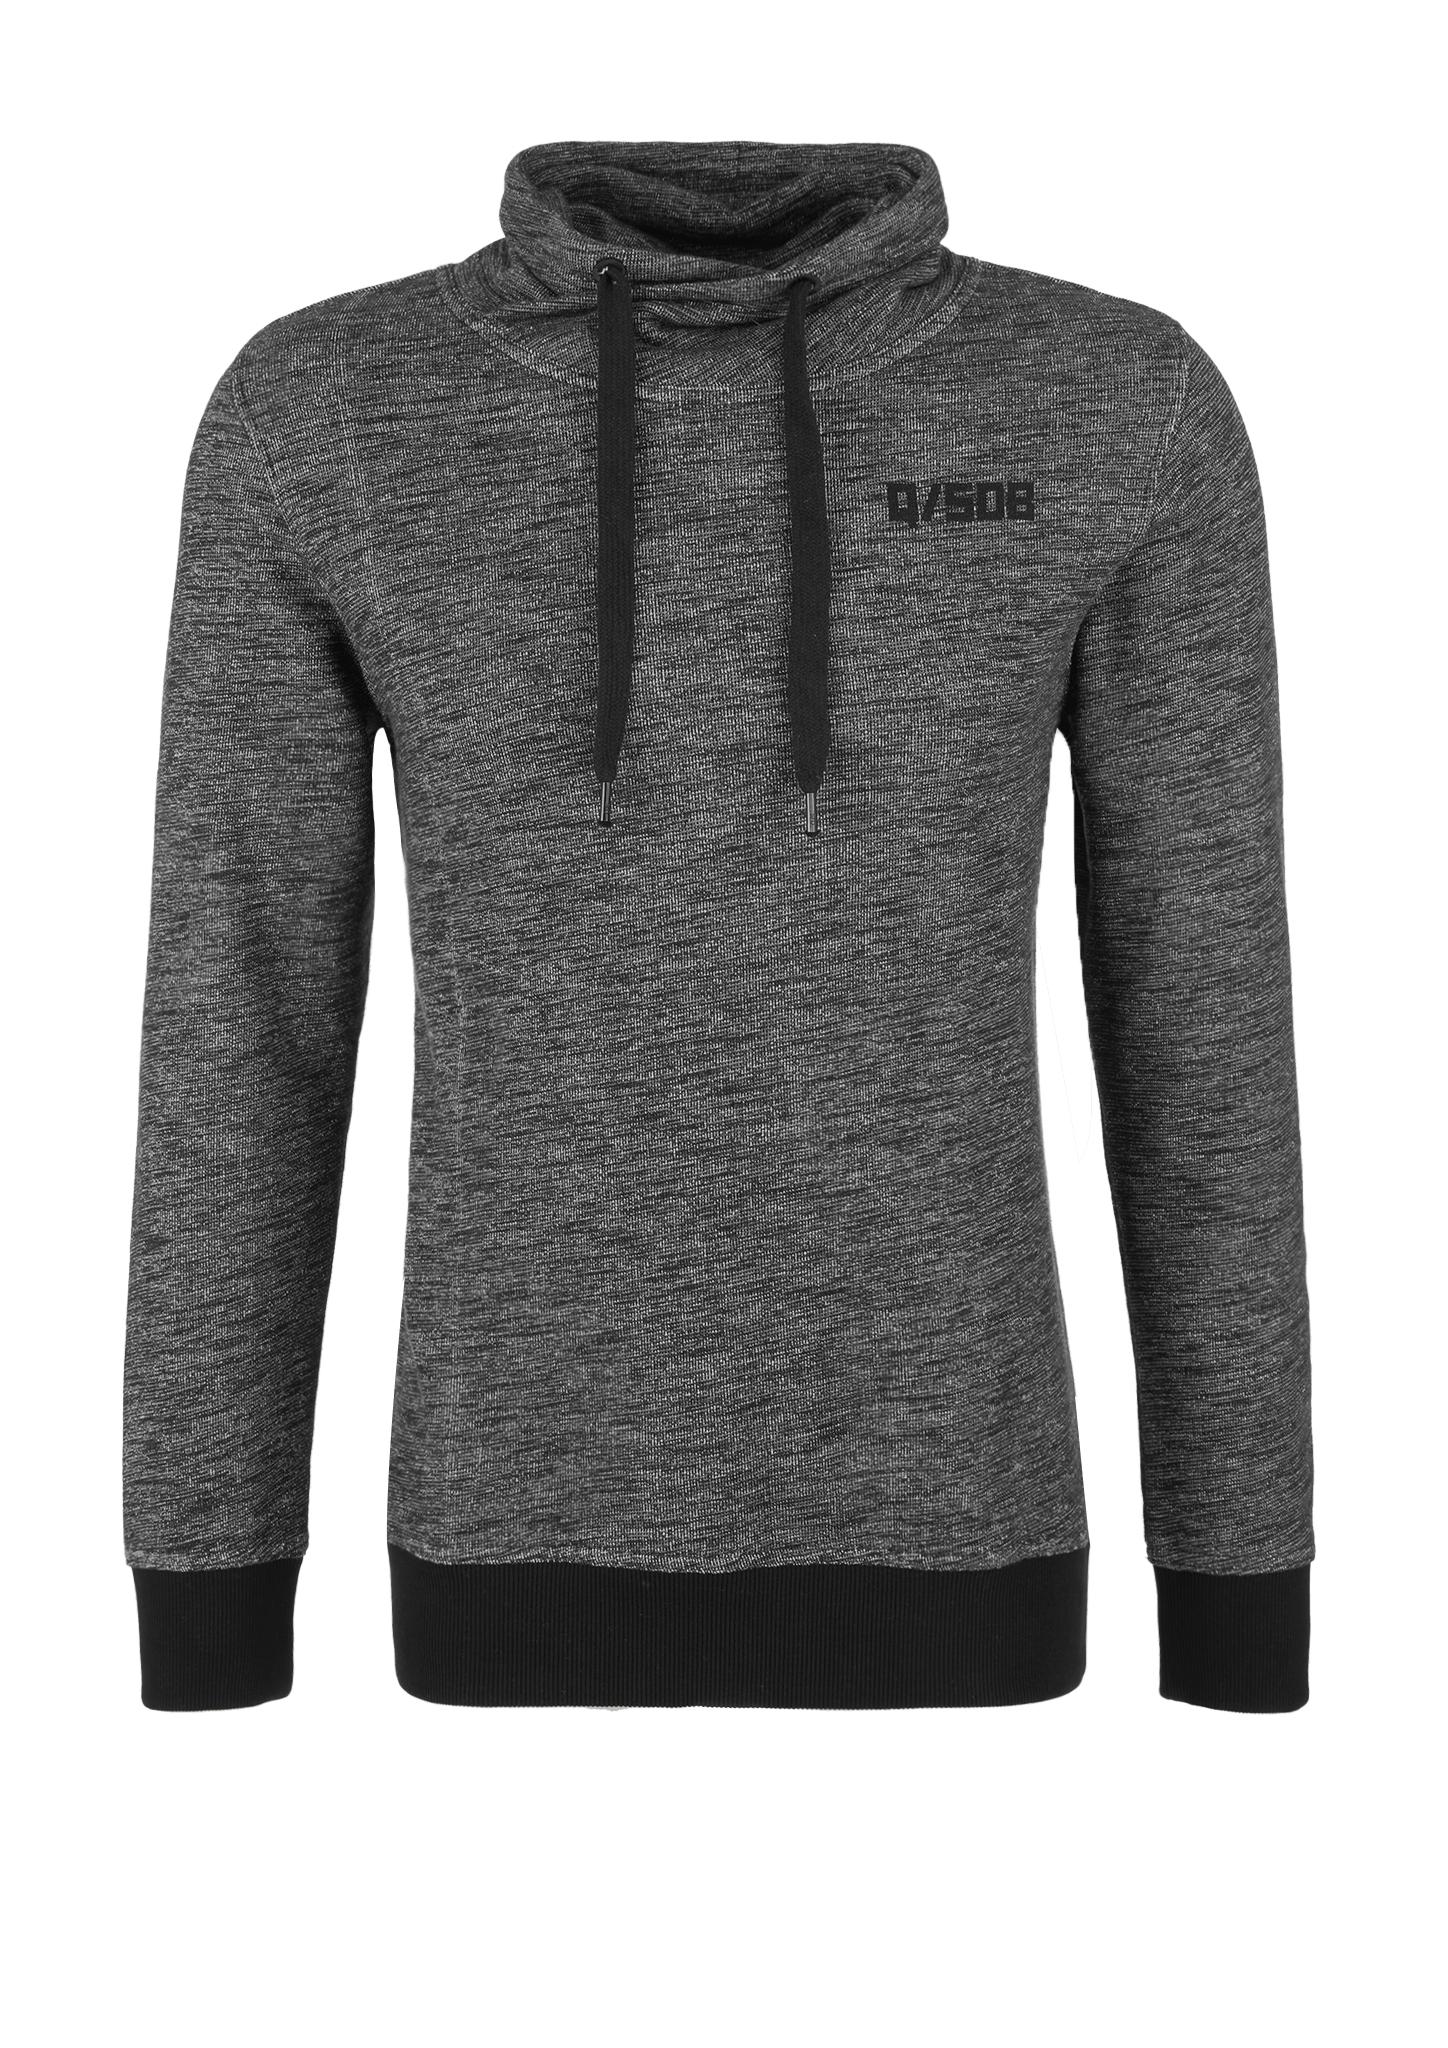 Turtleneck-Sweatshirt   Bekleidung > Sweatshirts & -jacken   Grau/schwarz   100% baumwolle   Q/S designed by